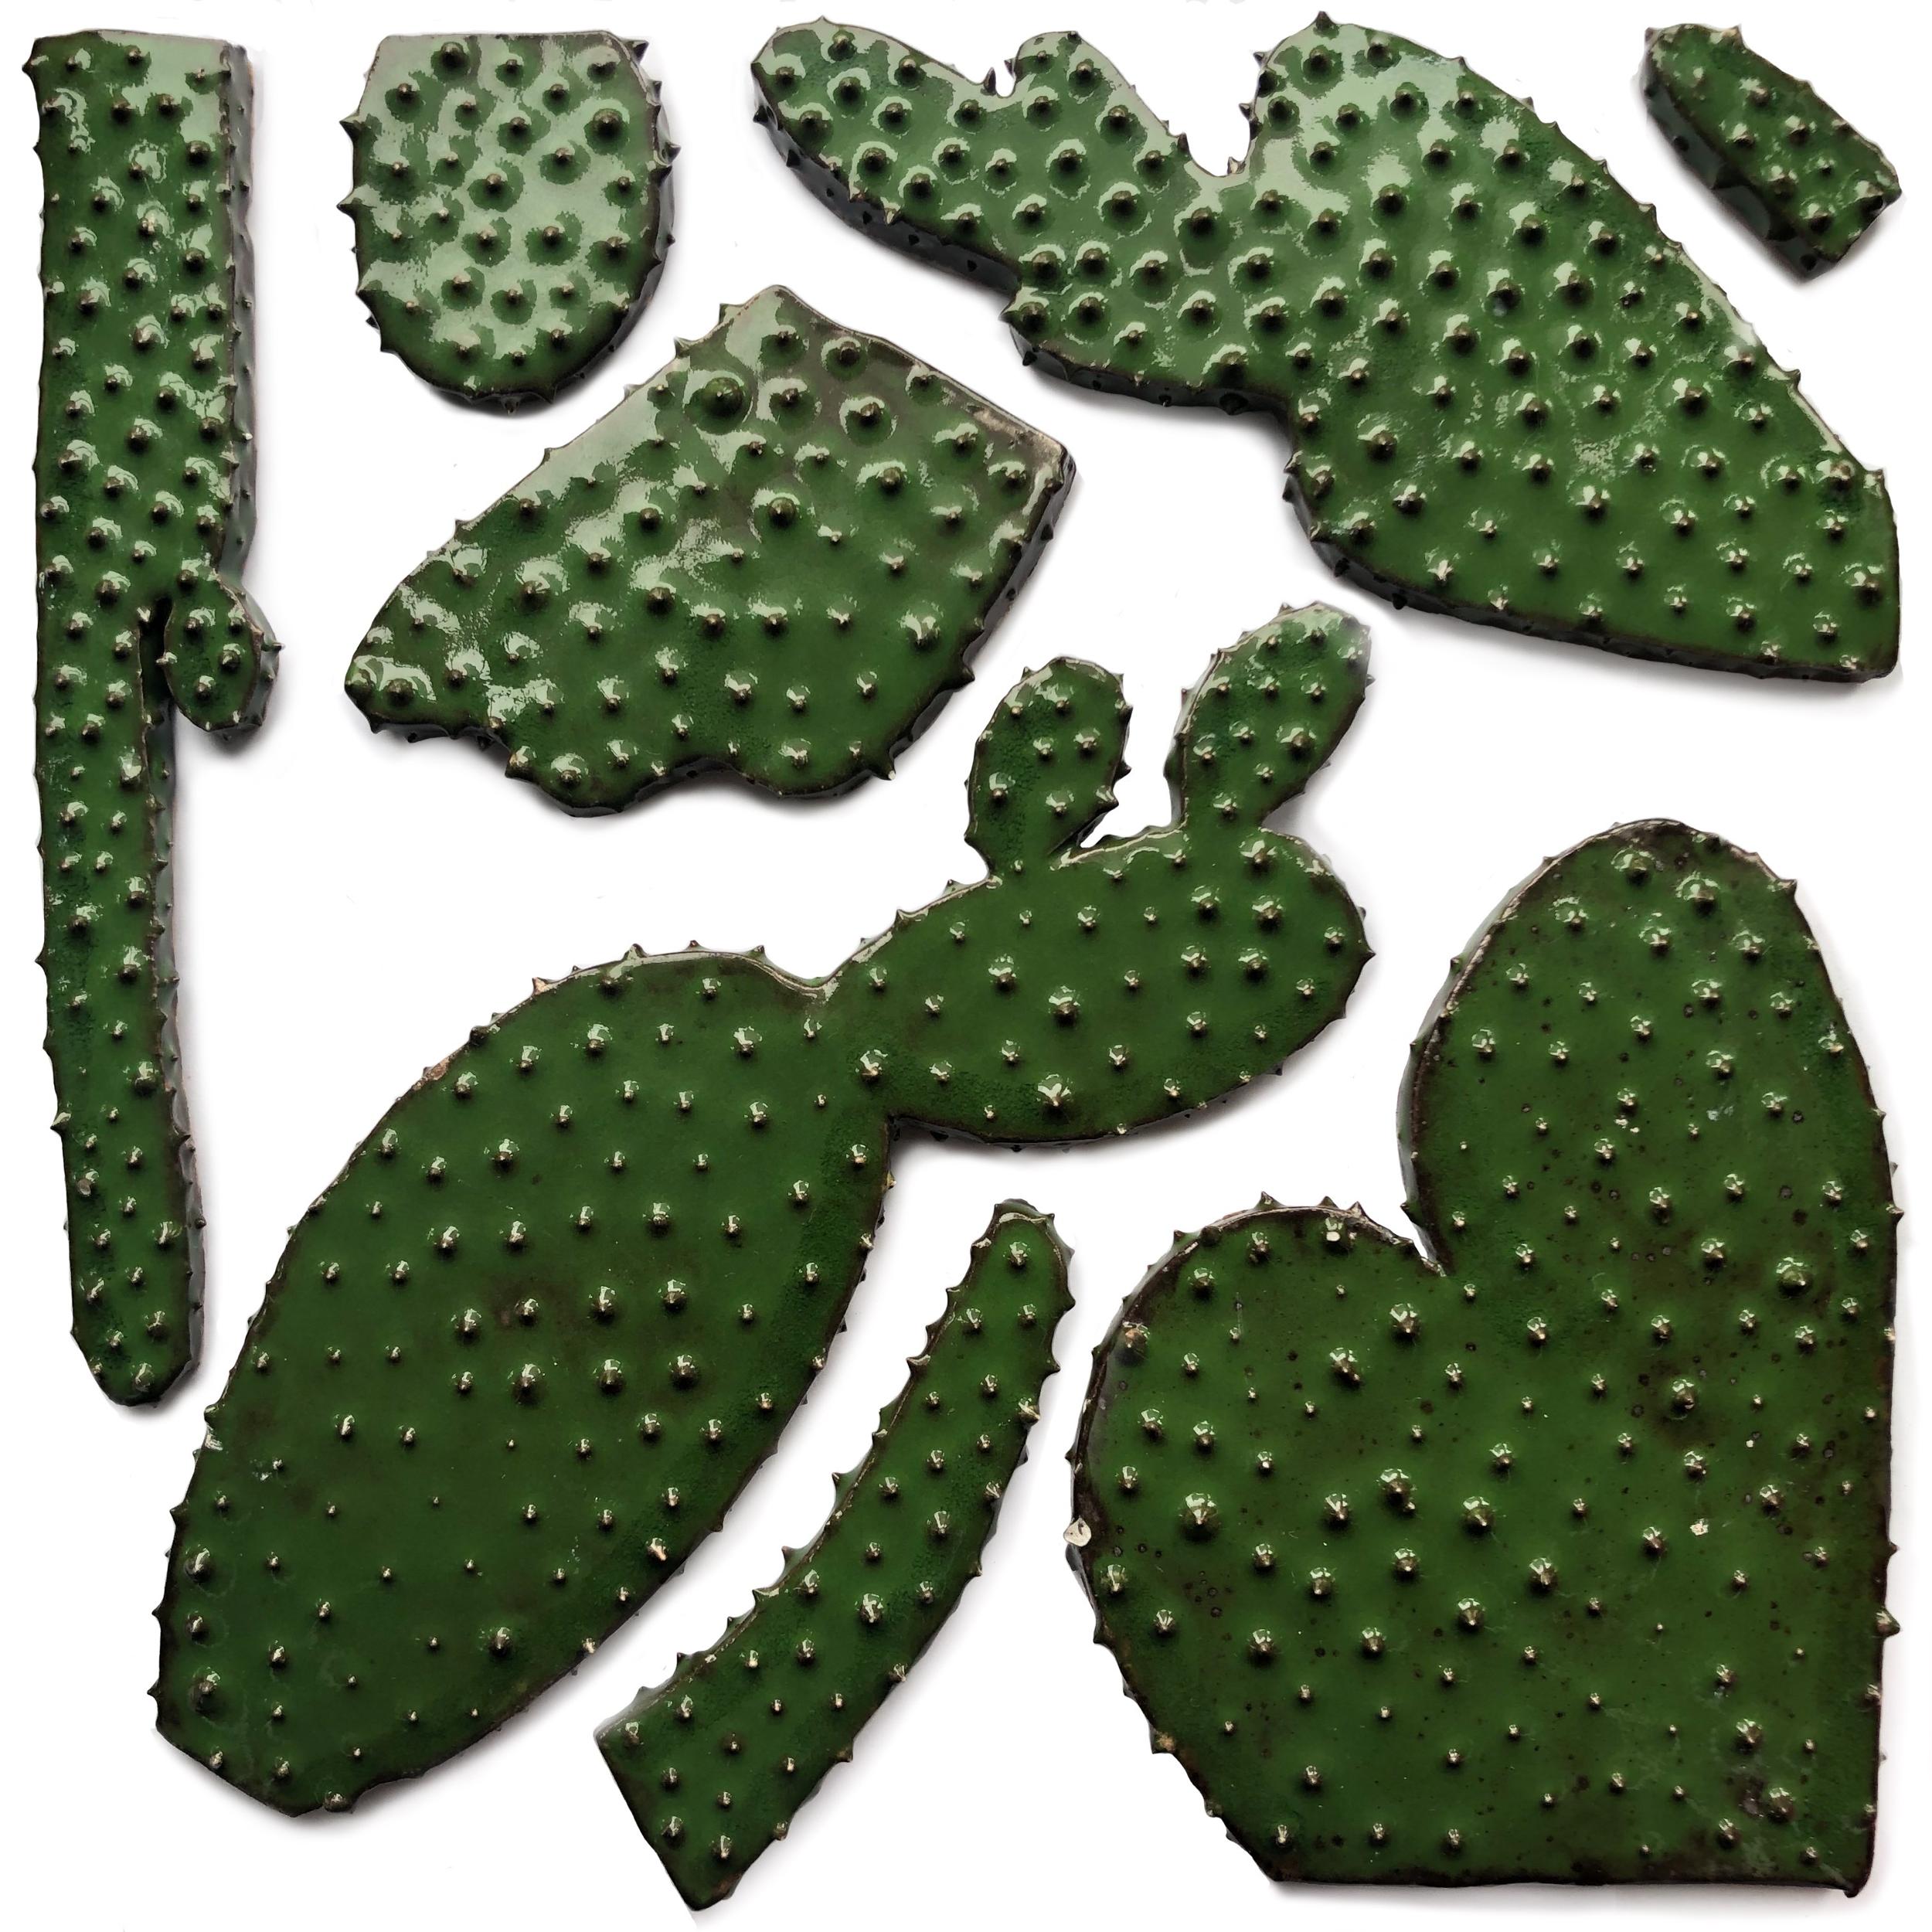 jordan_kushins_ceramic_cacti.png